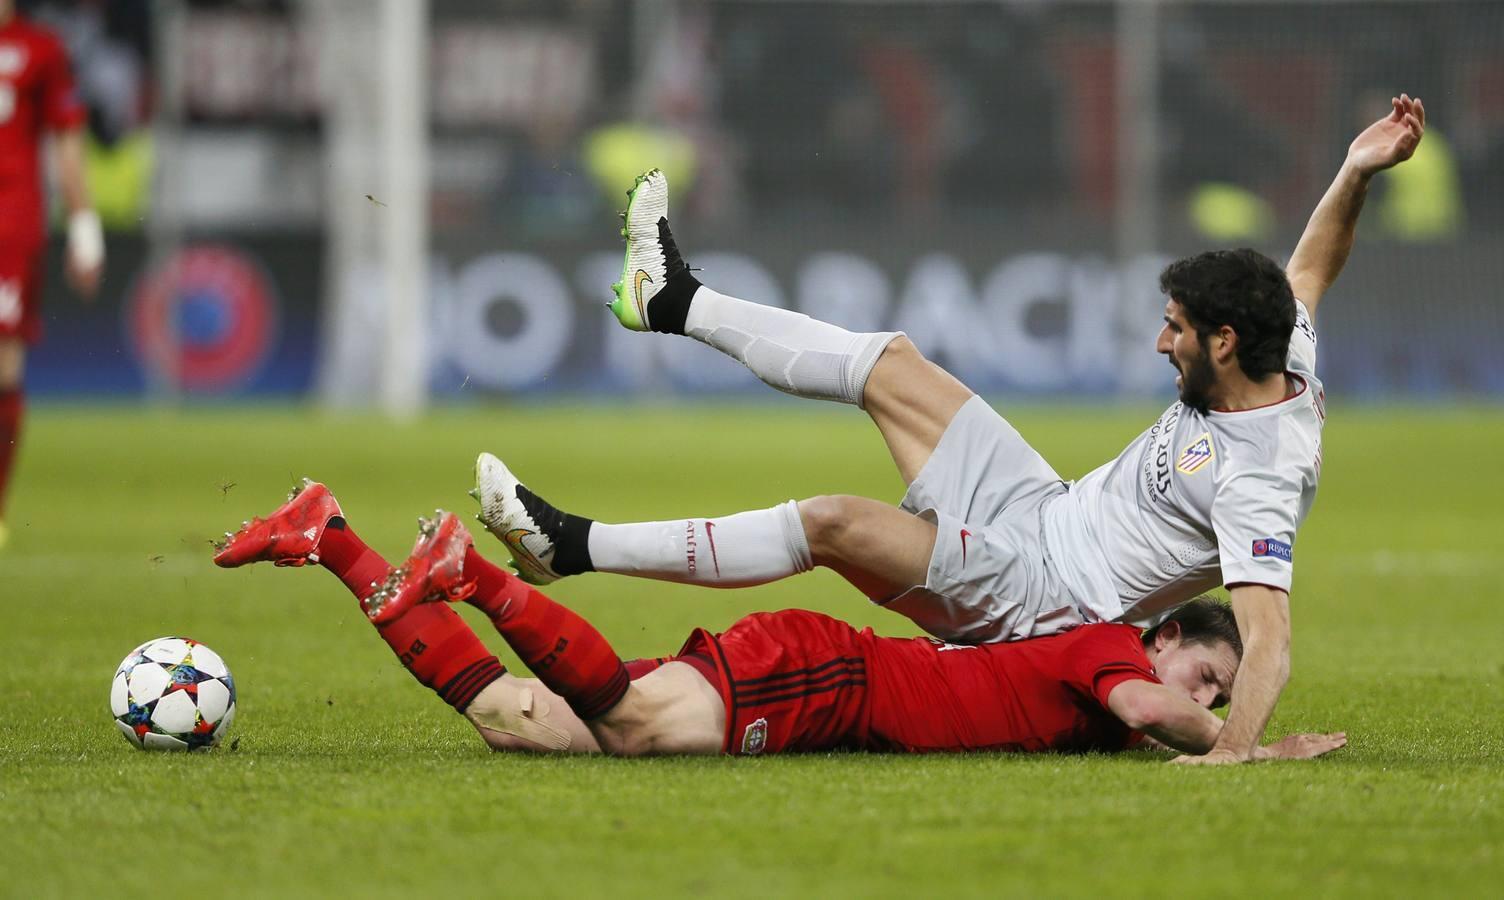 Las imágenes del Leverkusen-Atlético de Madrid